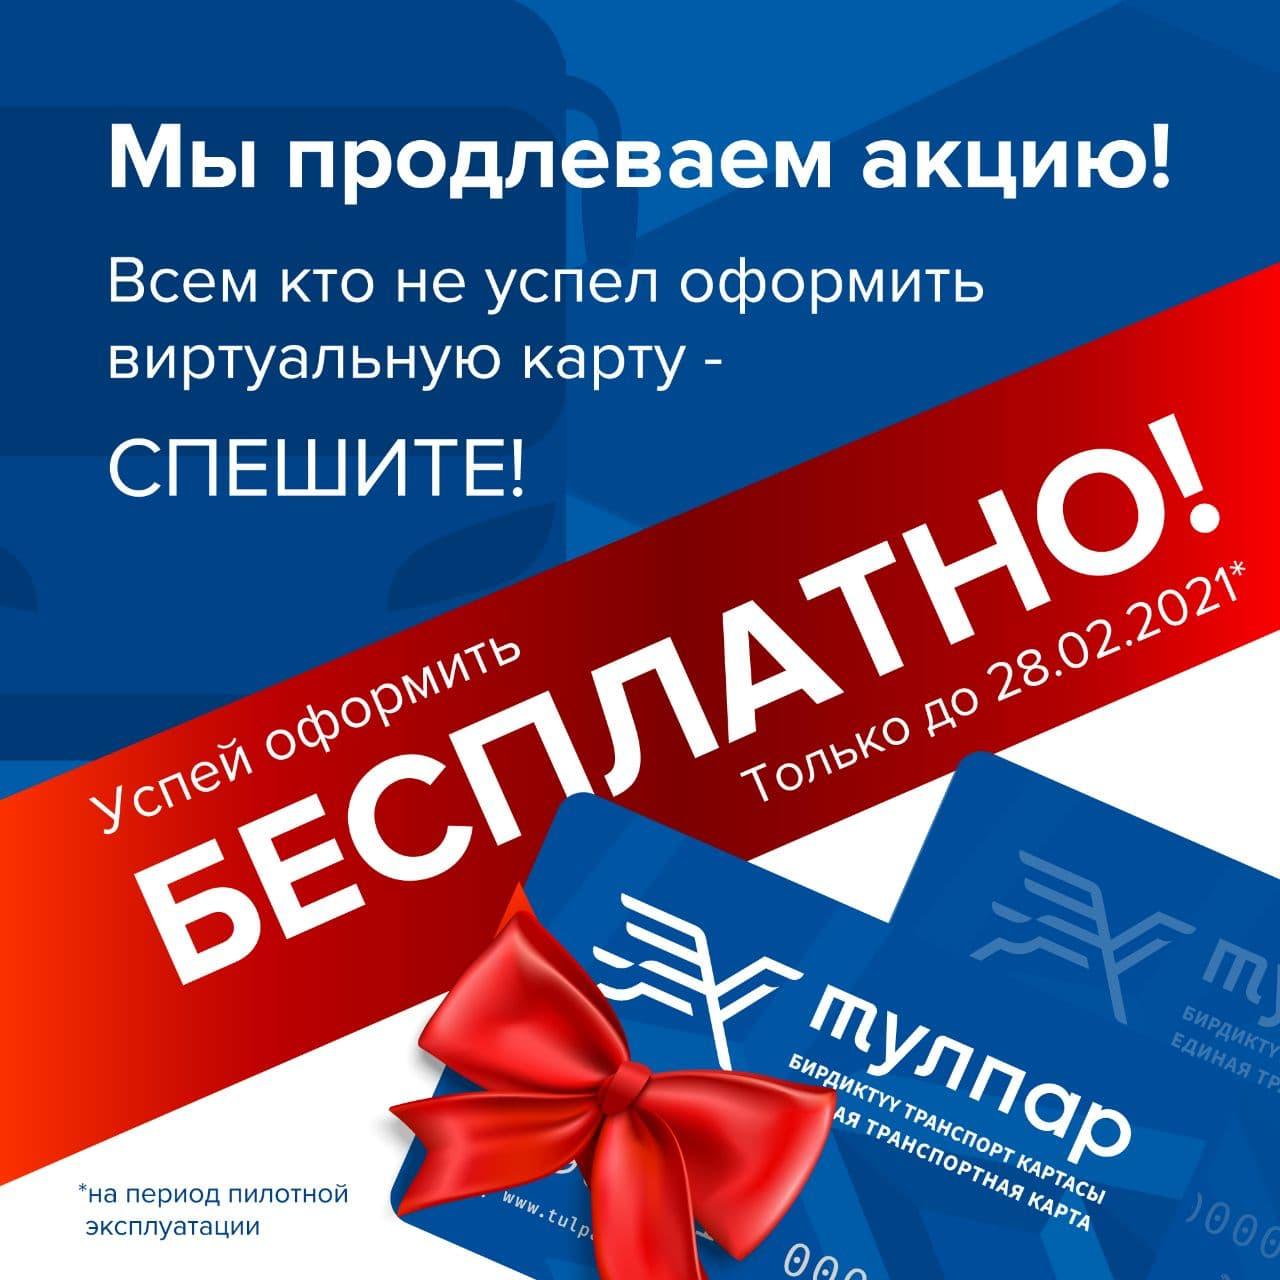 Мы продлеваем акцию по бесплатному оформлению виртуальной карты Тулпар до конца февраля